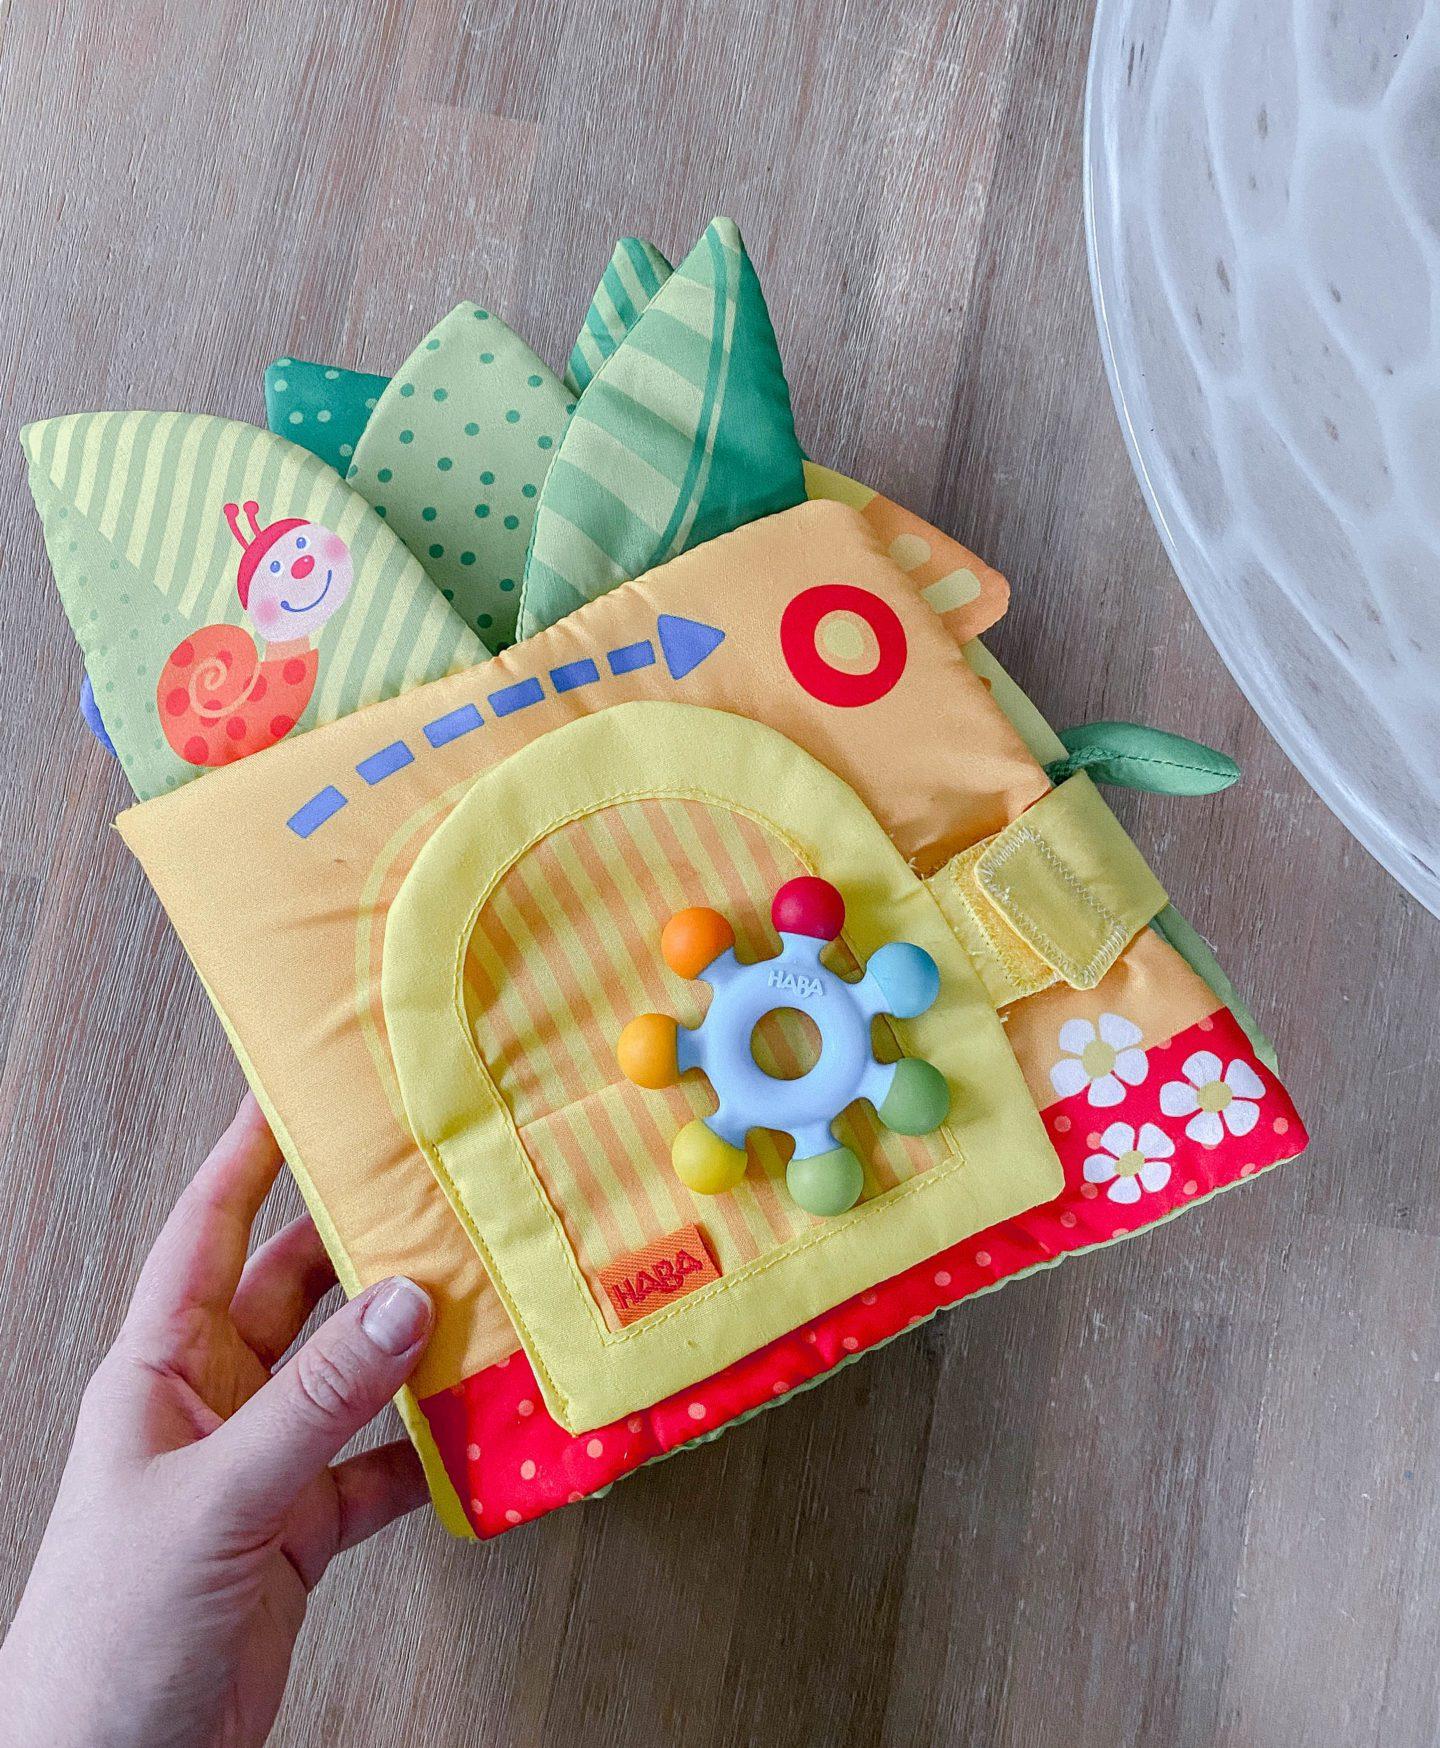 Spielsachen für Baby 3 Monate